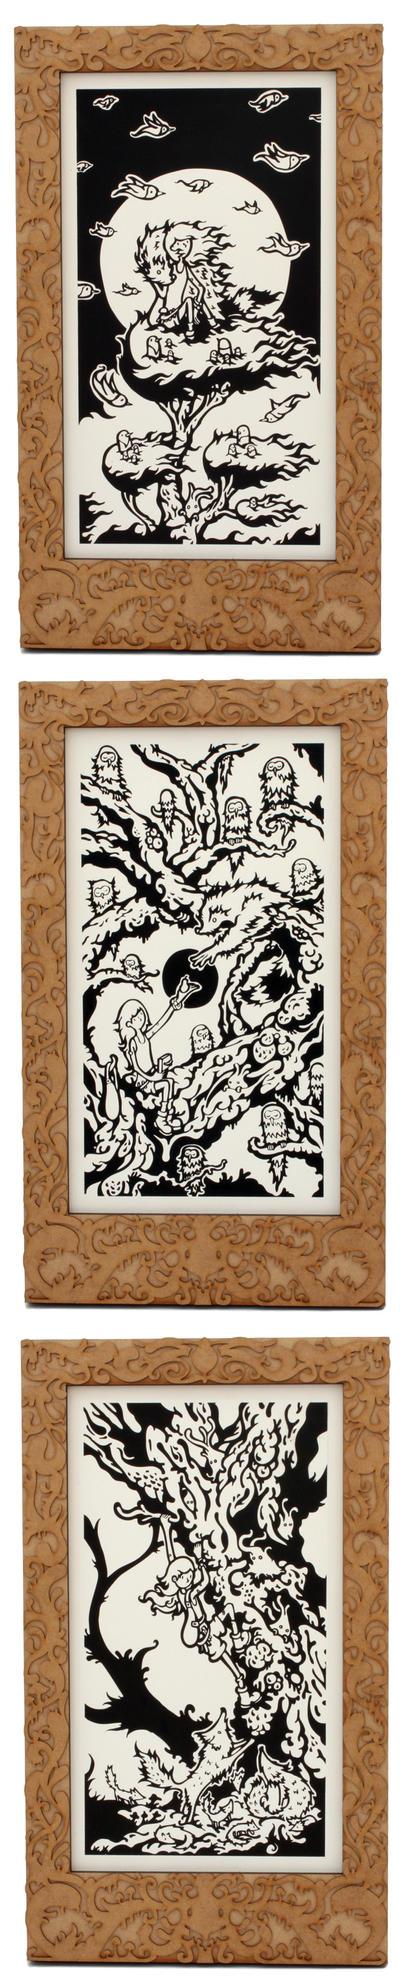 Journey up a Tree by mtomsky